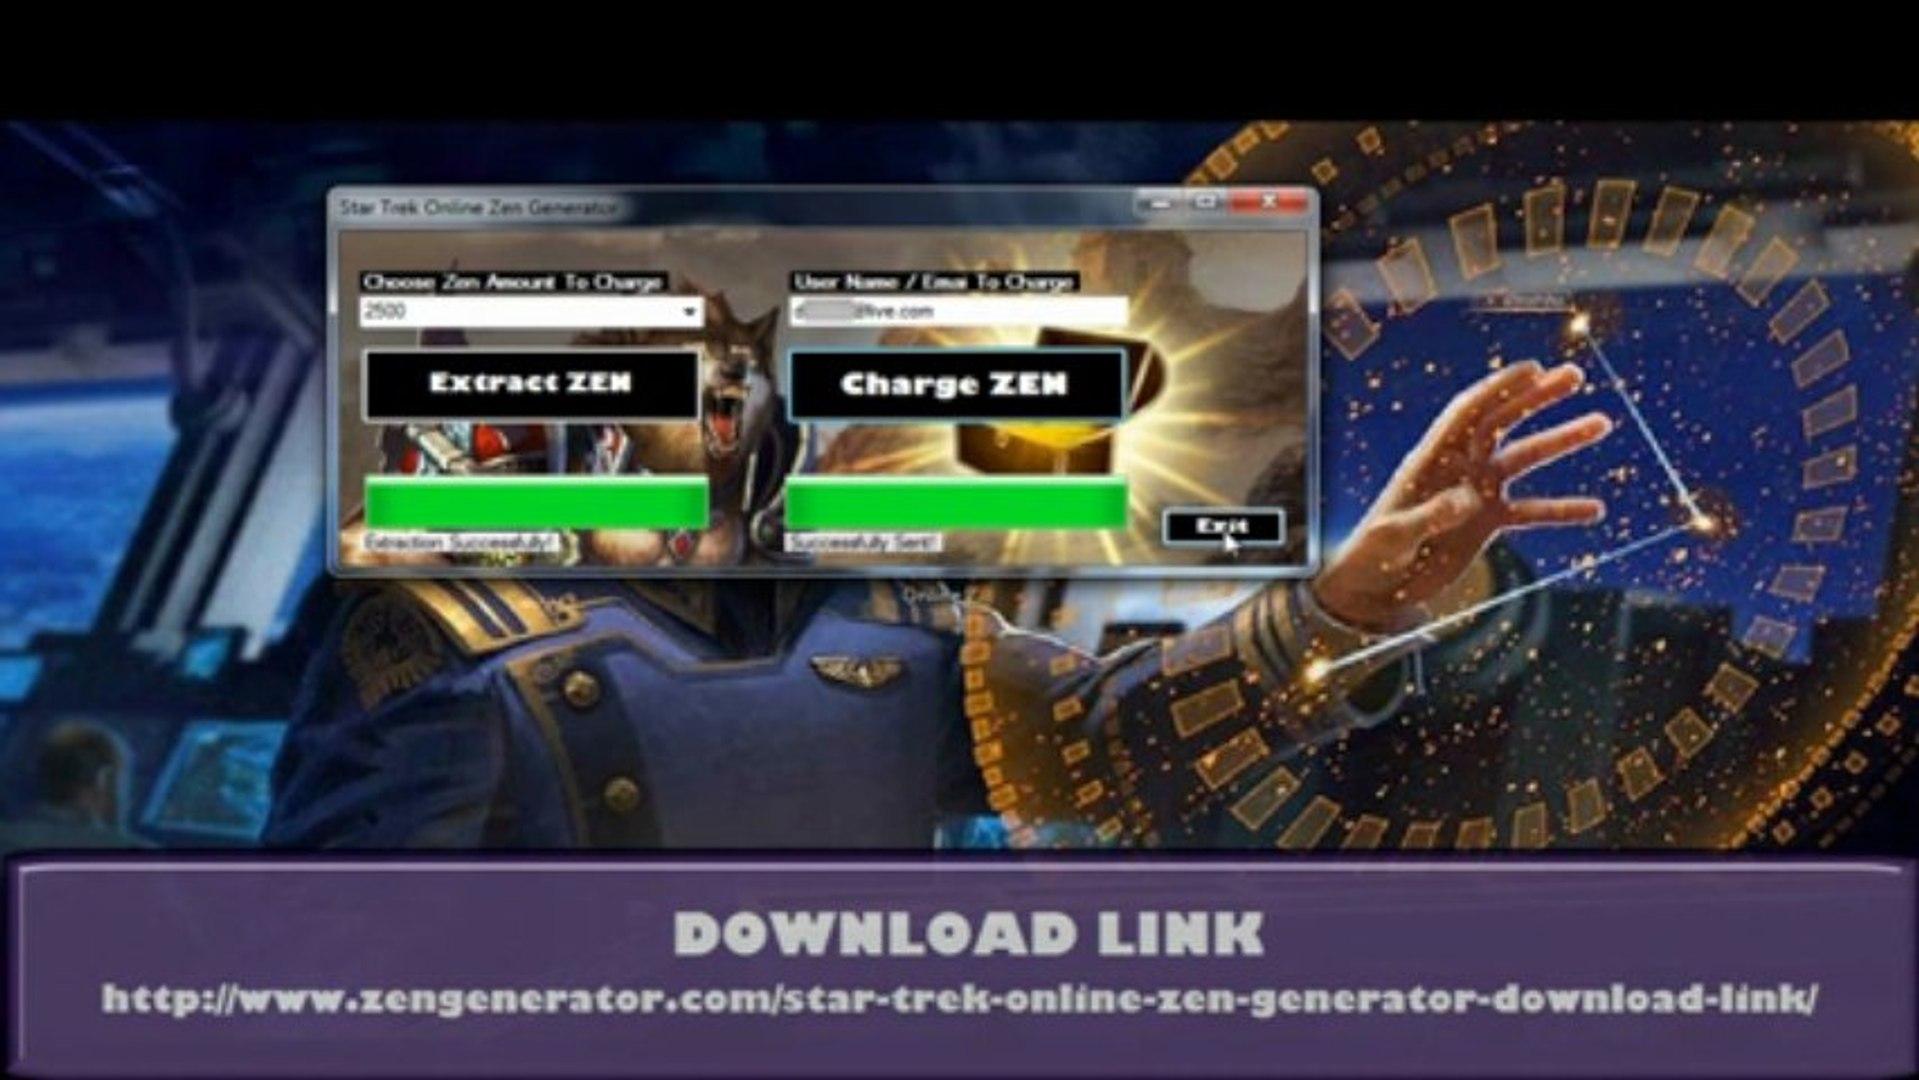 Star Trek Online Zen Generator - Add Unlimited Zen In Your